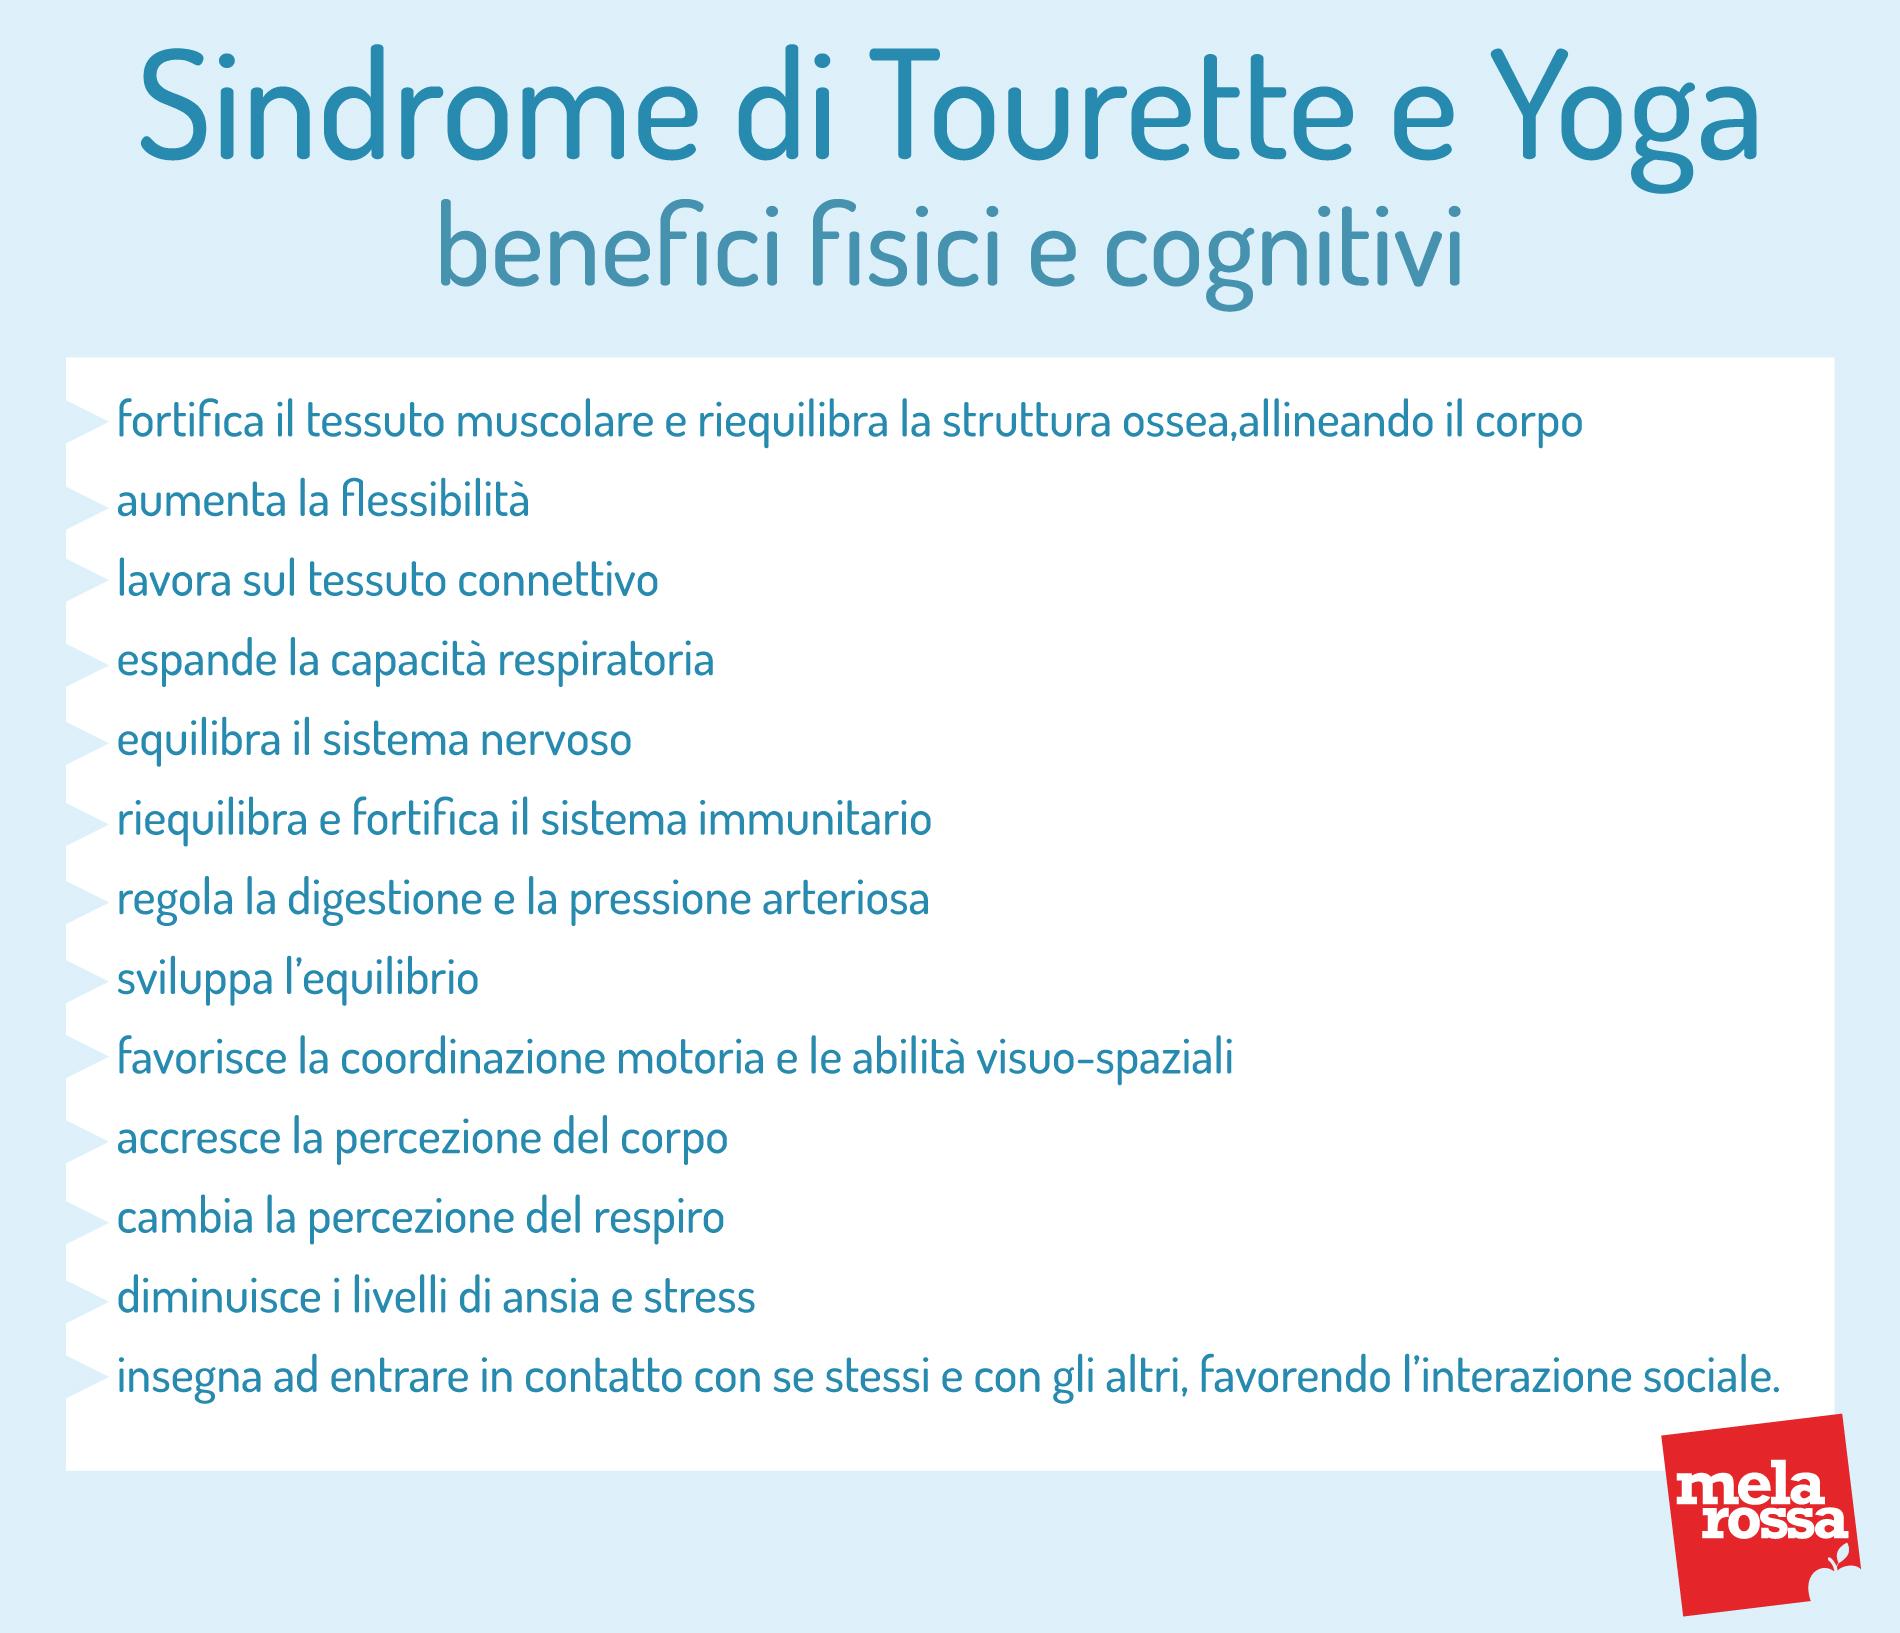 Sindrome di Tourette: benefici dello yoga